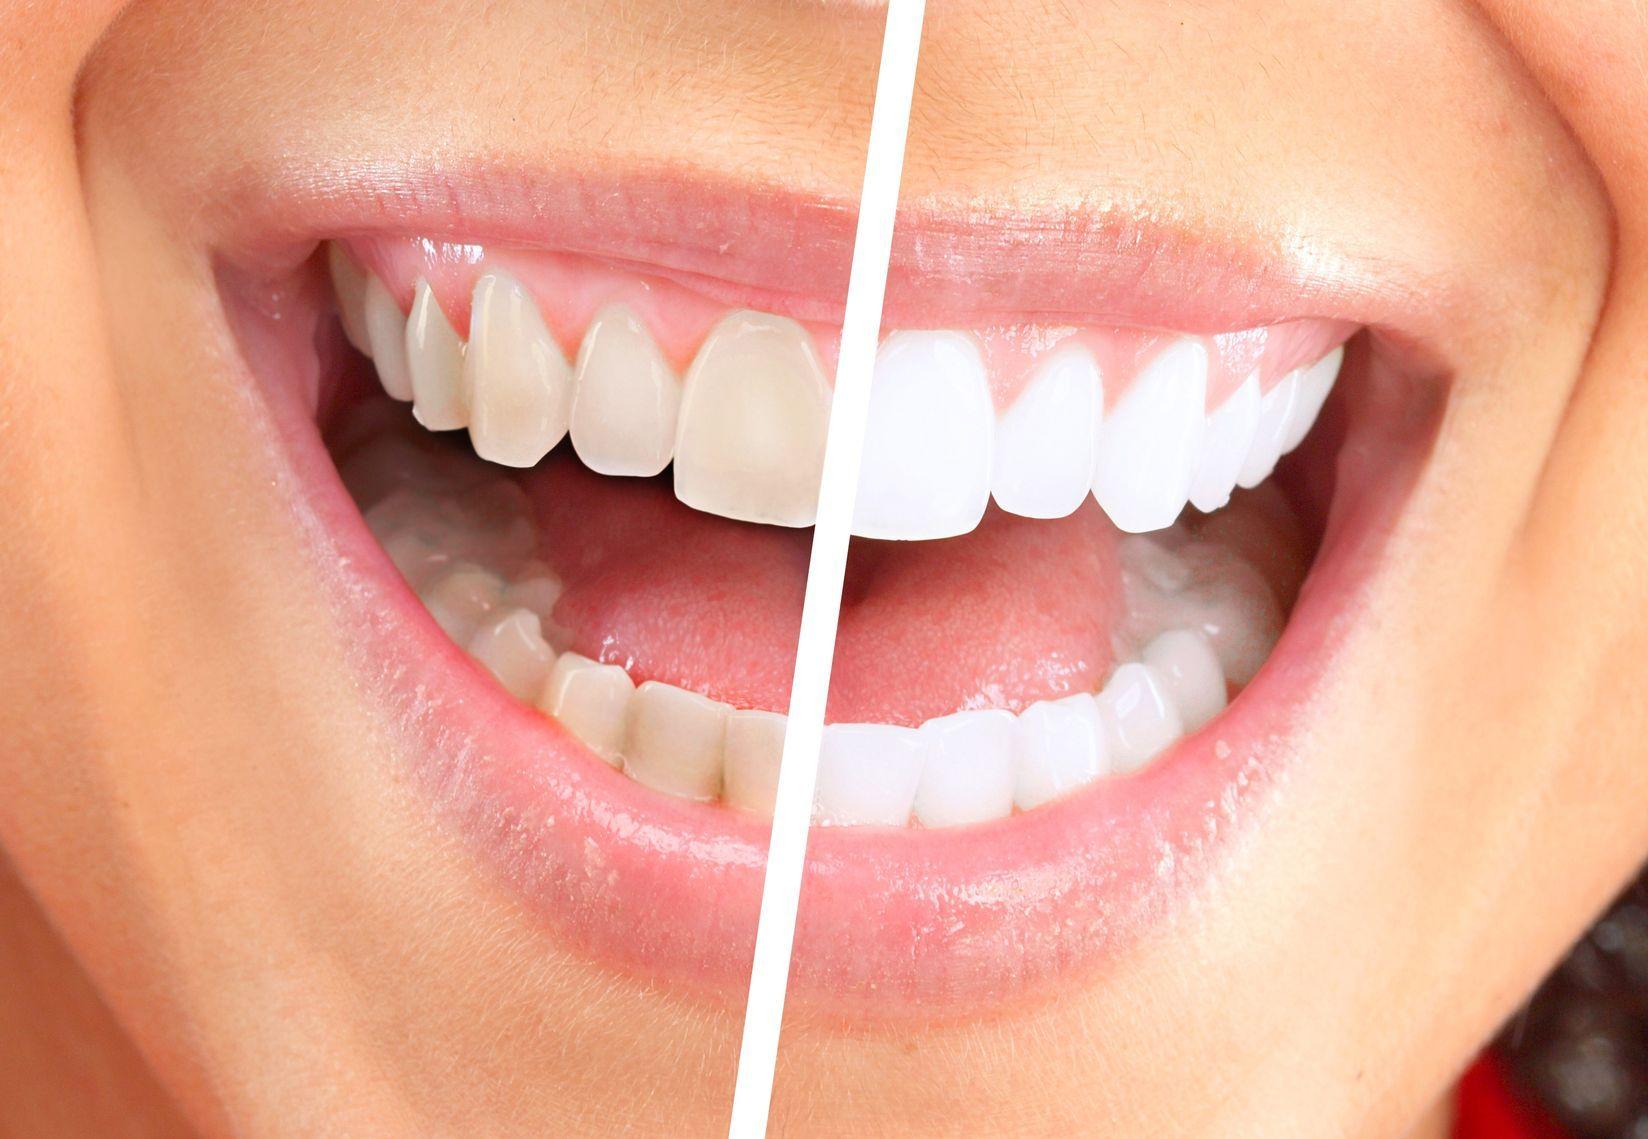 Promozione Sbiancamento Dentale Laser Assistito